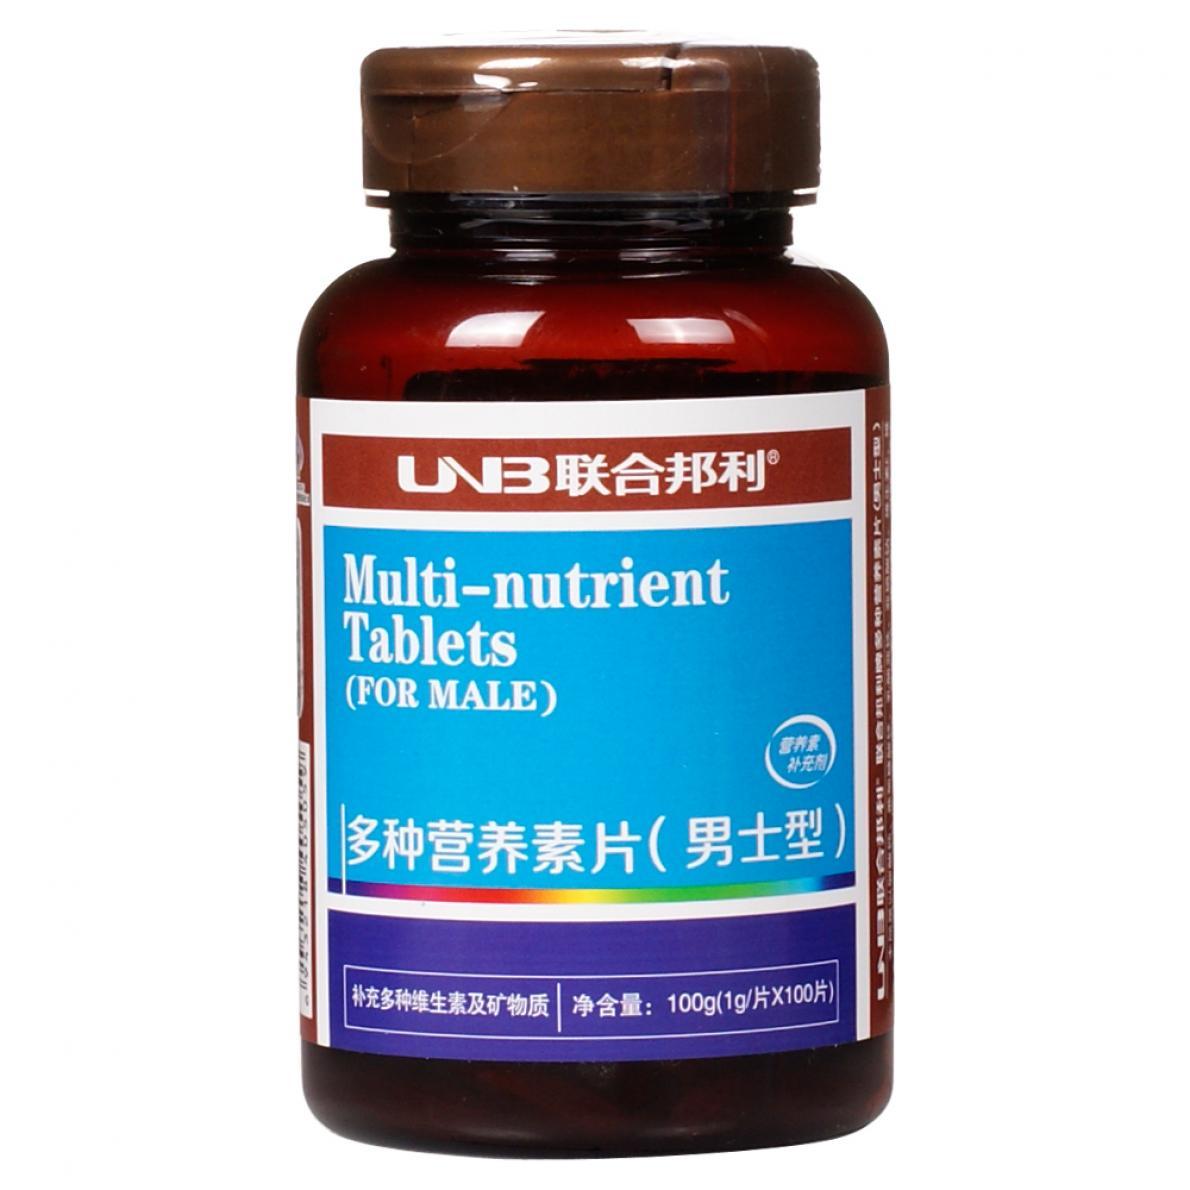 联合邦利牌多种营养素片(男士型) 1g/片*100片